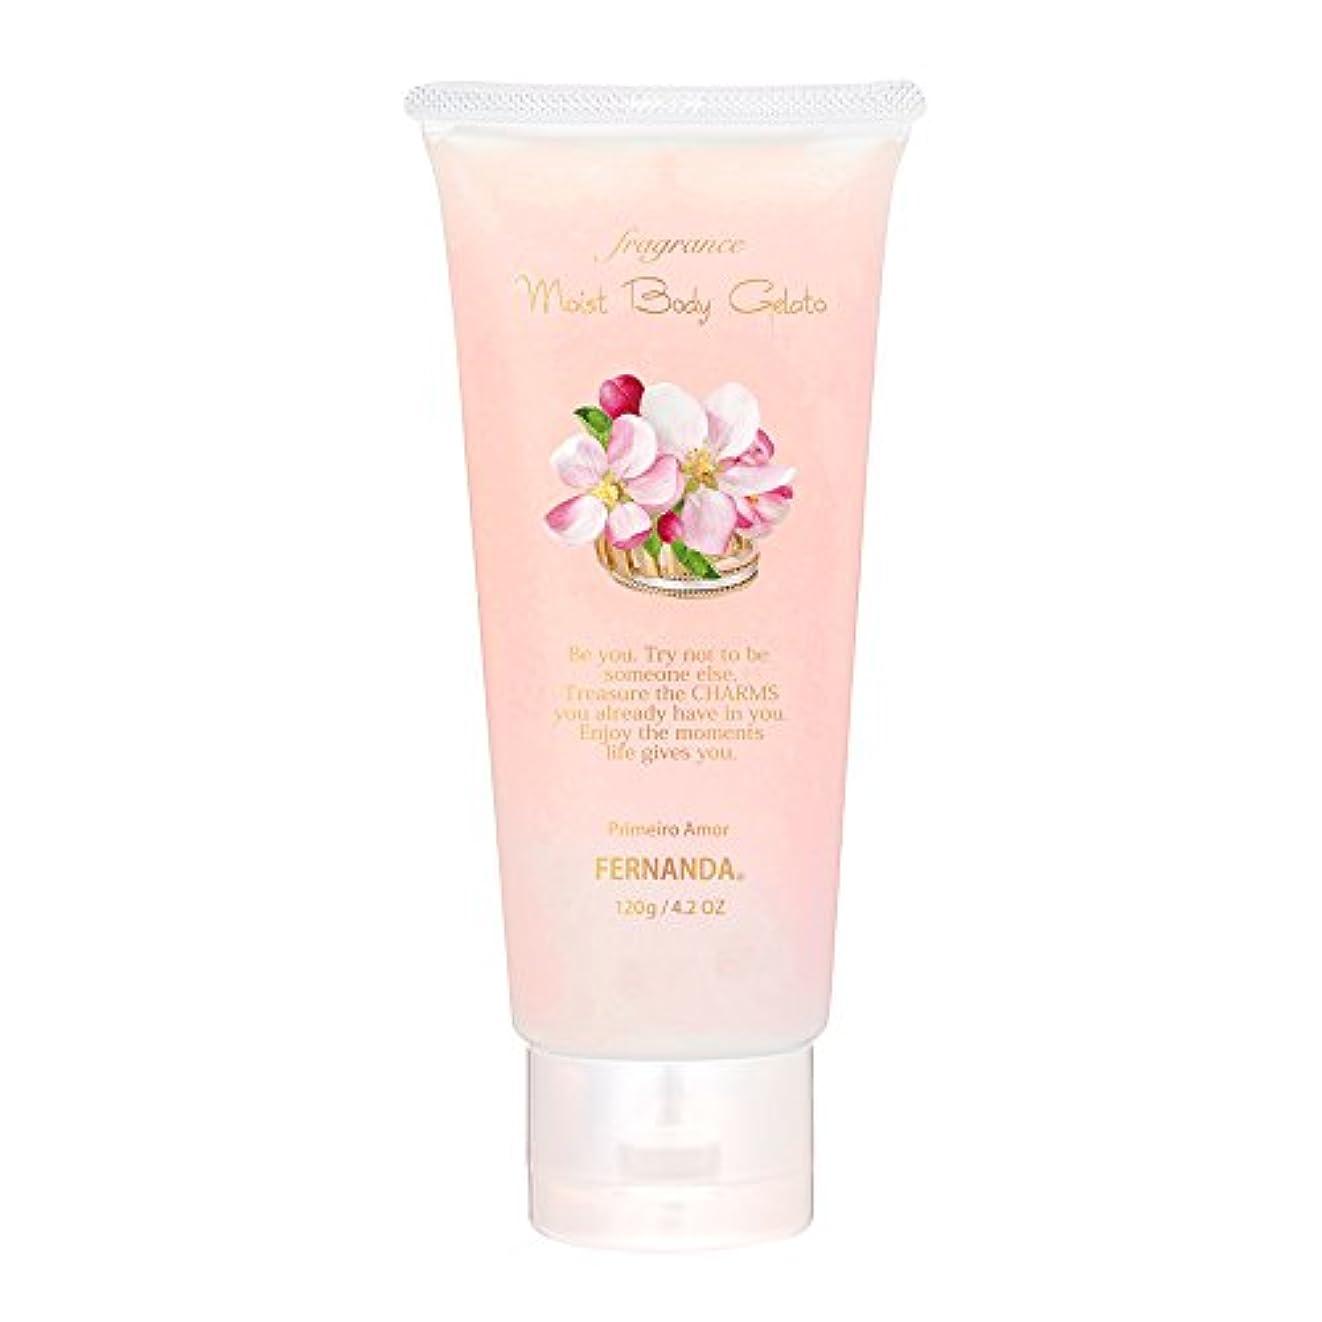 あざ快適教育者FERNANDA(フェルナンダ) Fragrance Moist Body Gelato Primeiro Amor (モイストボディジェラート プリメイロアモール)